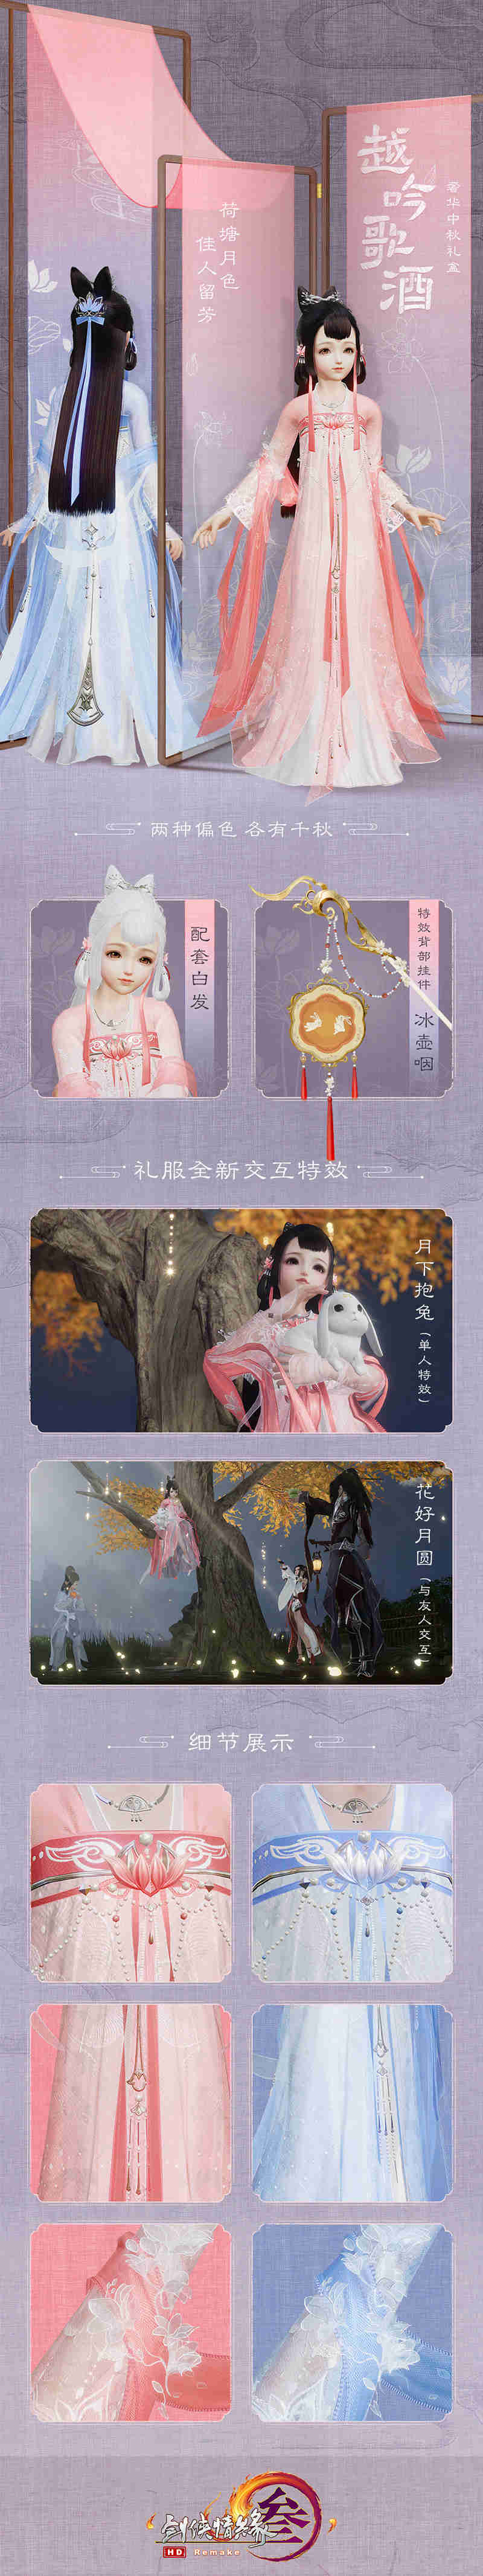 《剑网3》奢华中秋礼盒来袭 七秀剧情大片首映